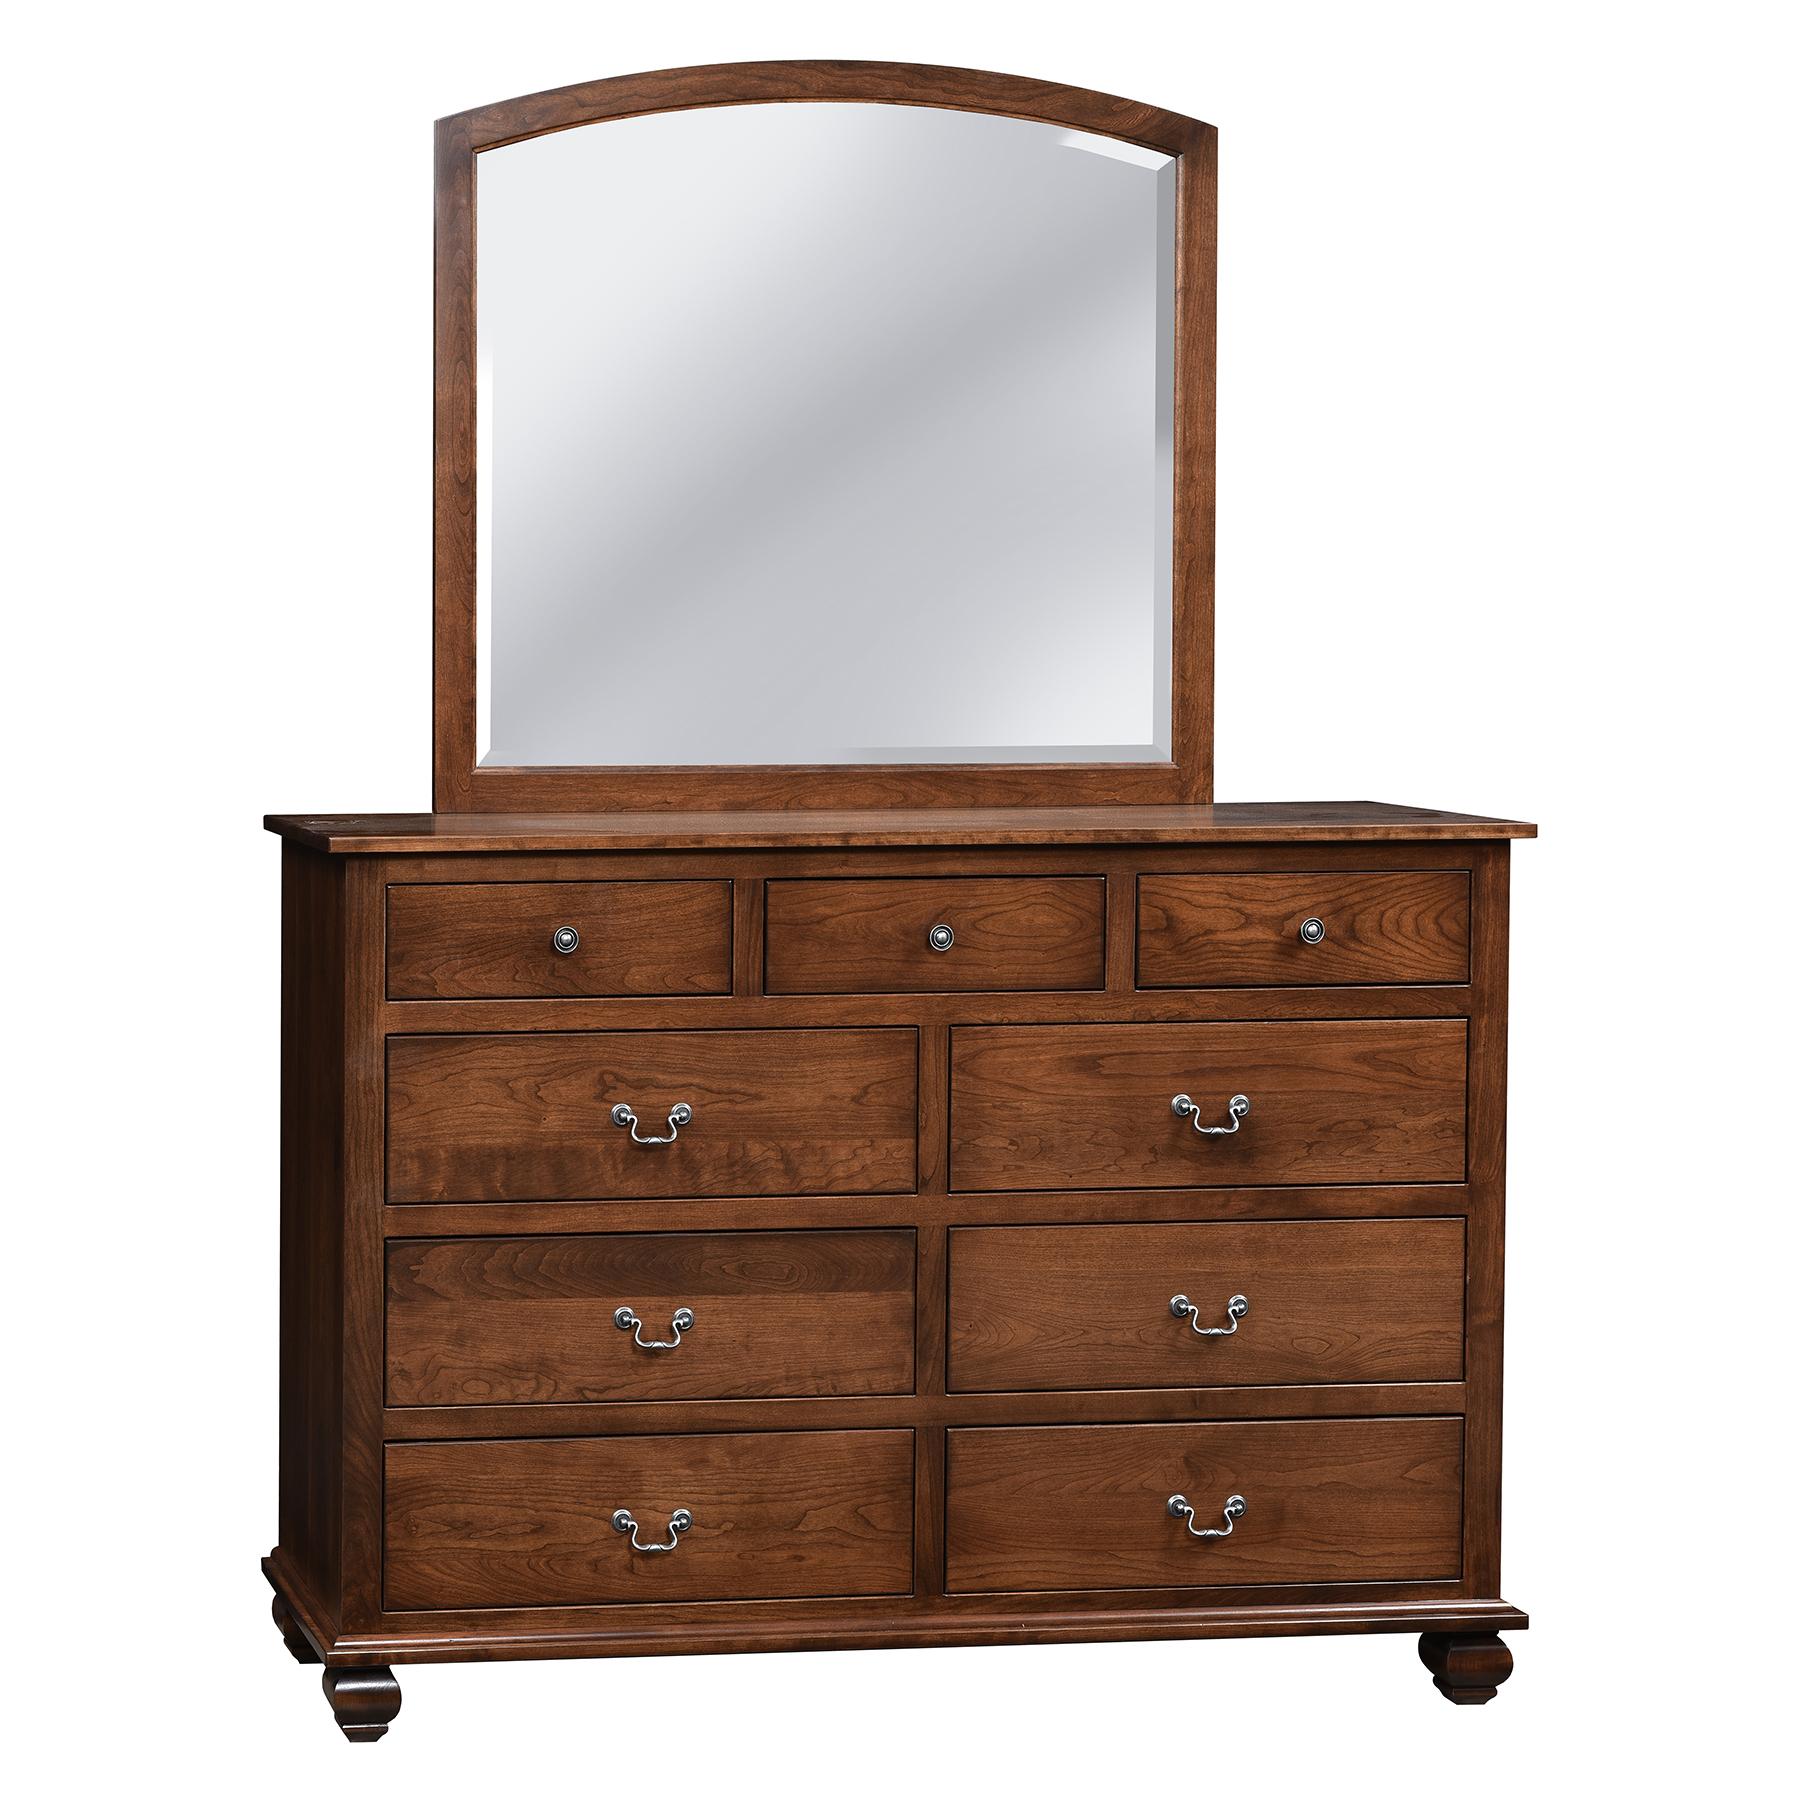 Stanton Dresser